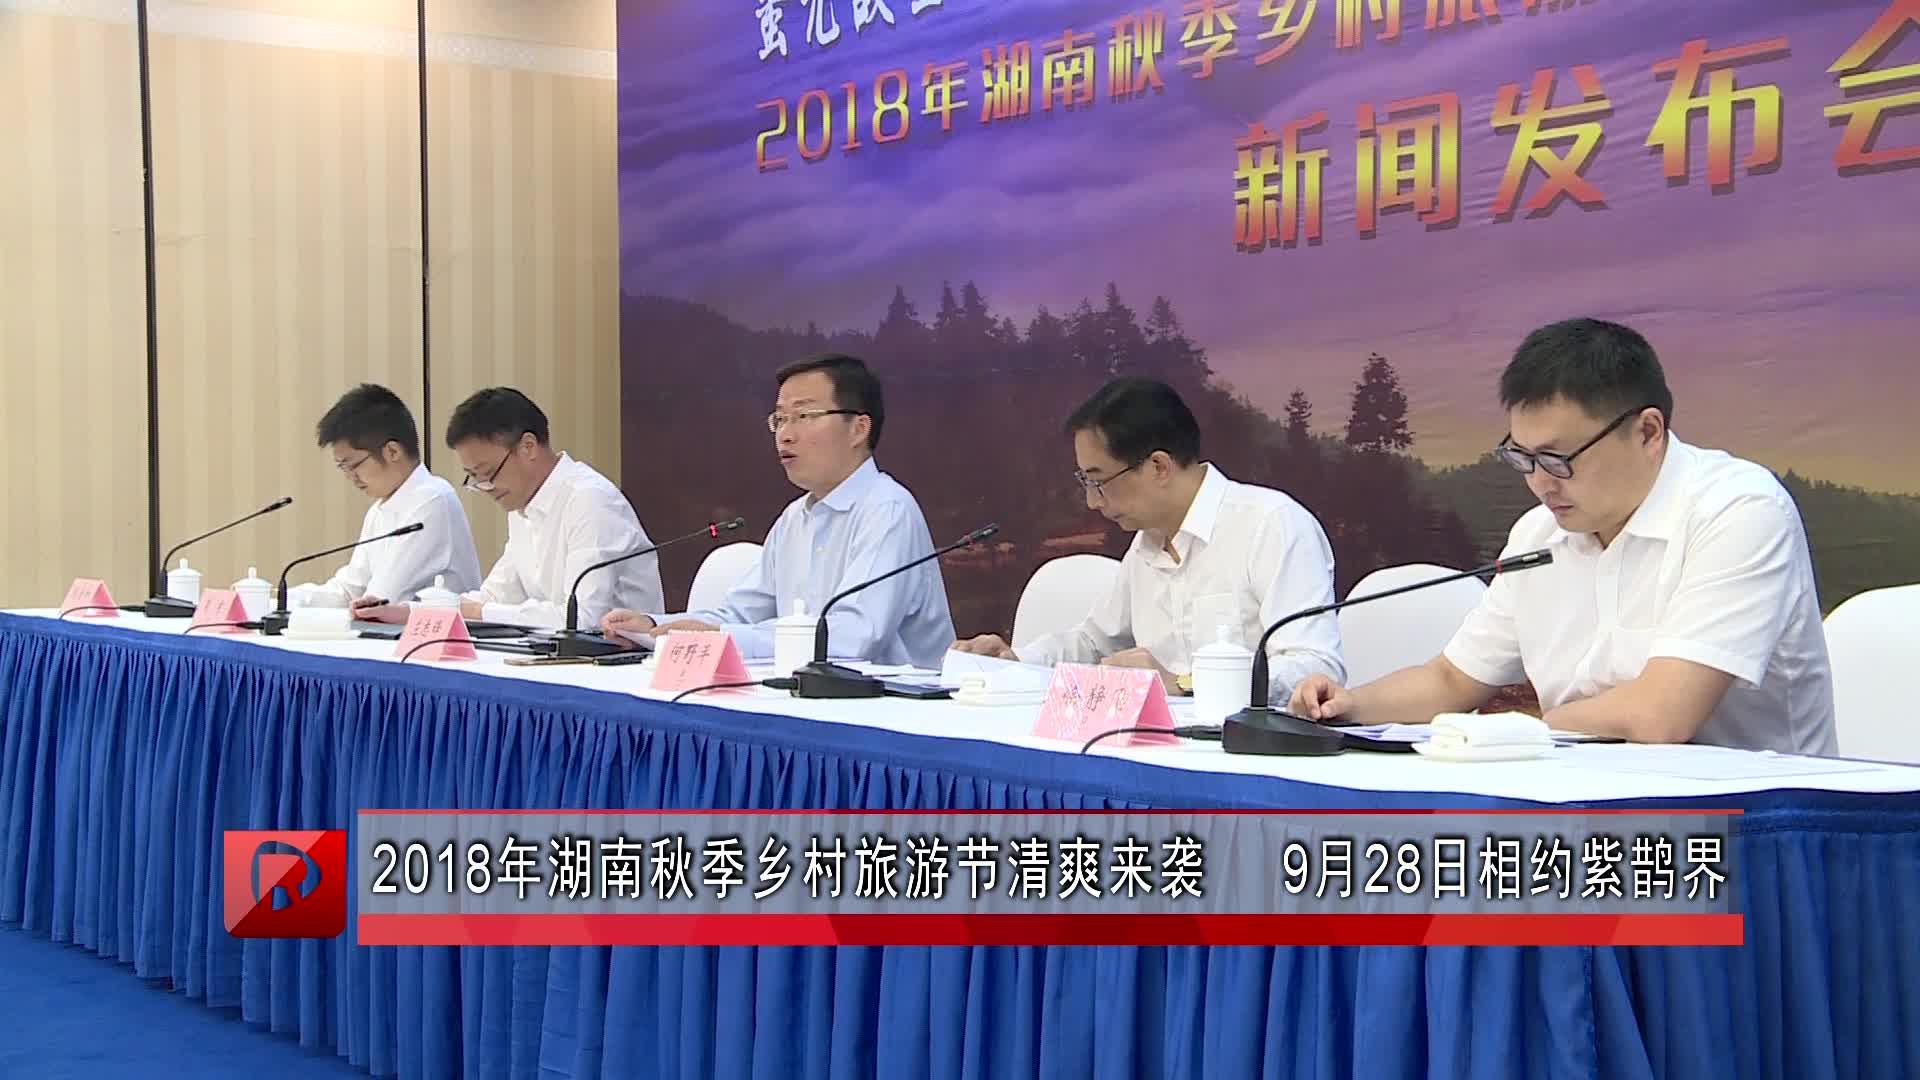 2018年湖南秋季乡村旅游节清爽来袭  9月28日相约紫鹊界